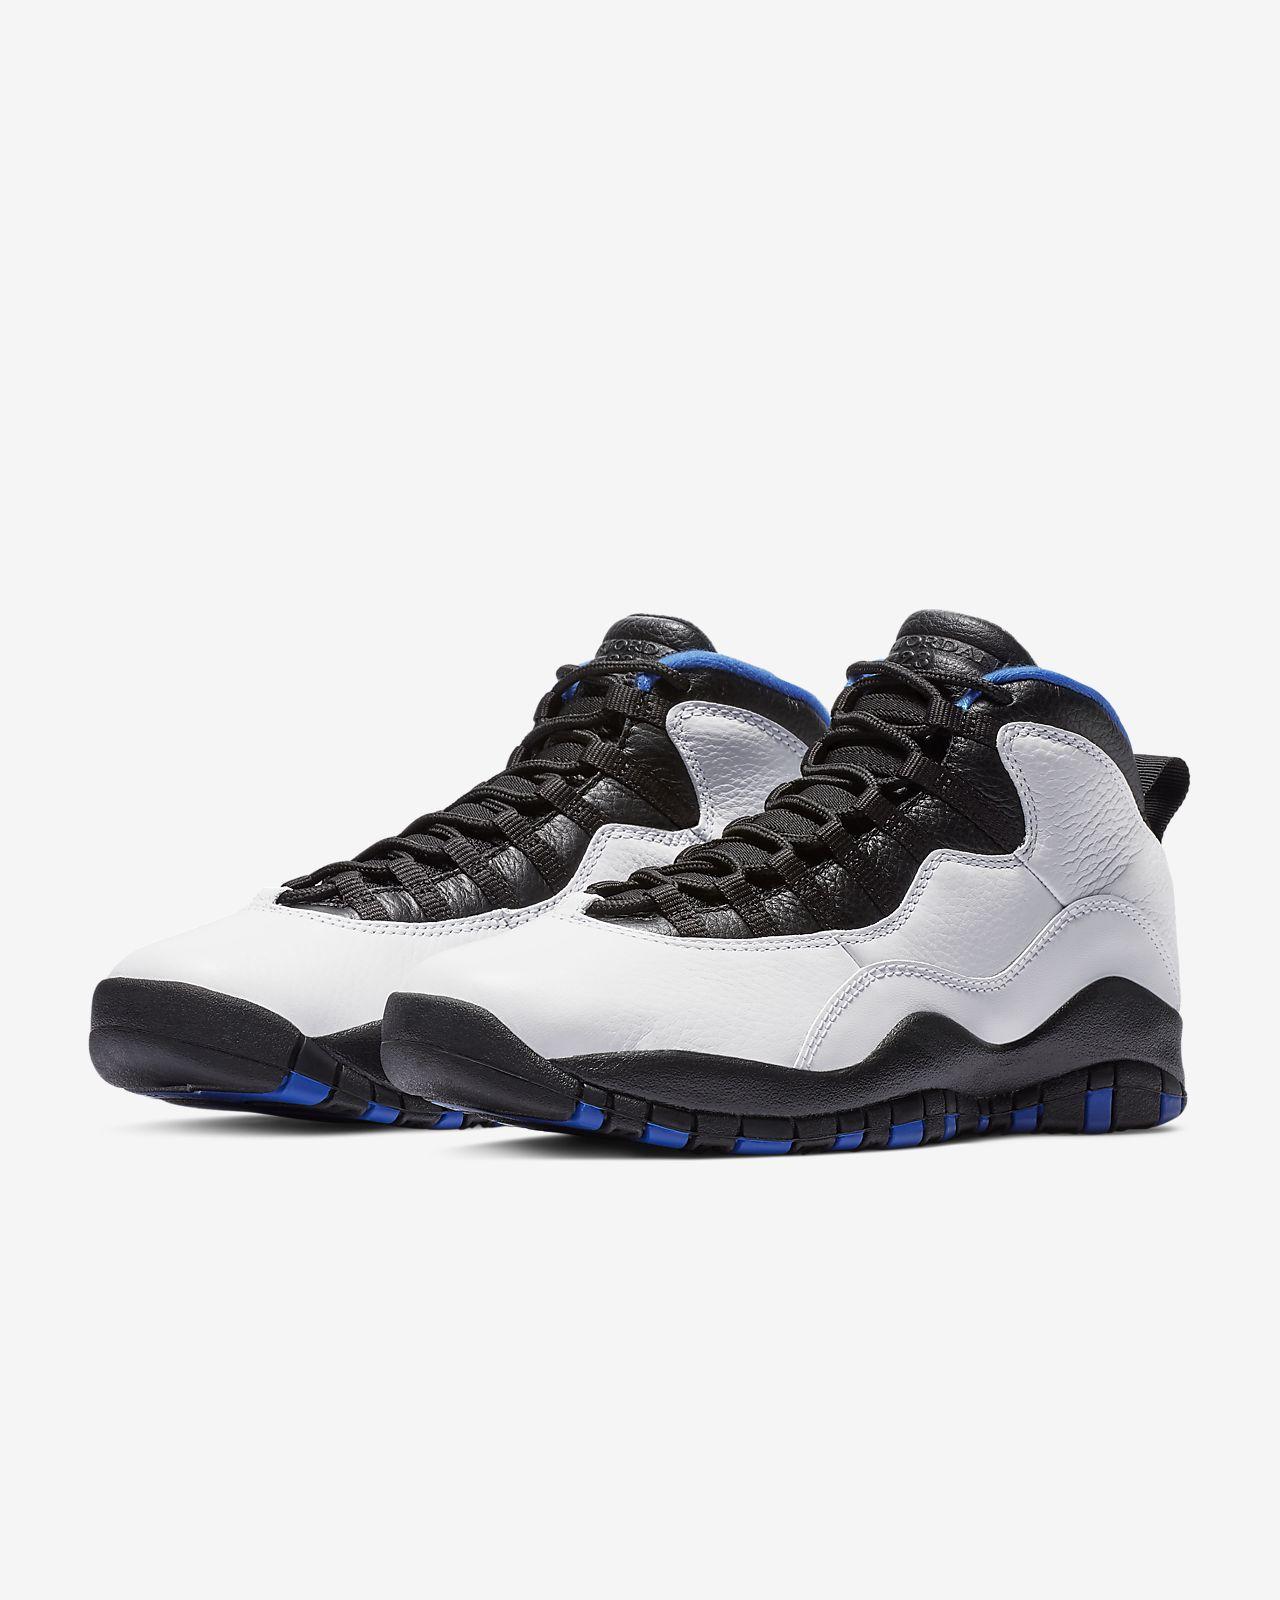 8e797006f6b Air Jordan 10 Retro Zapatillas - Hombre. Nike.com ES